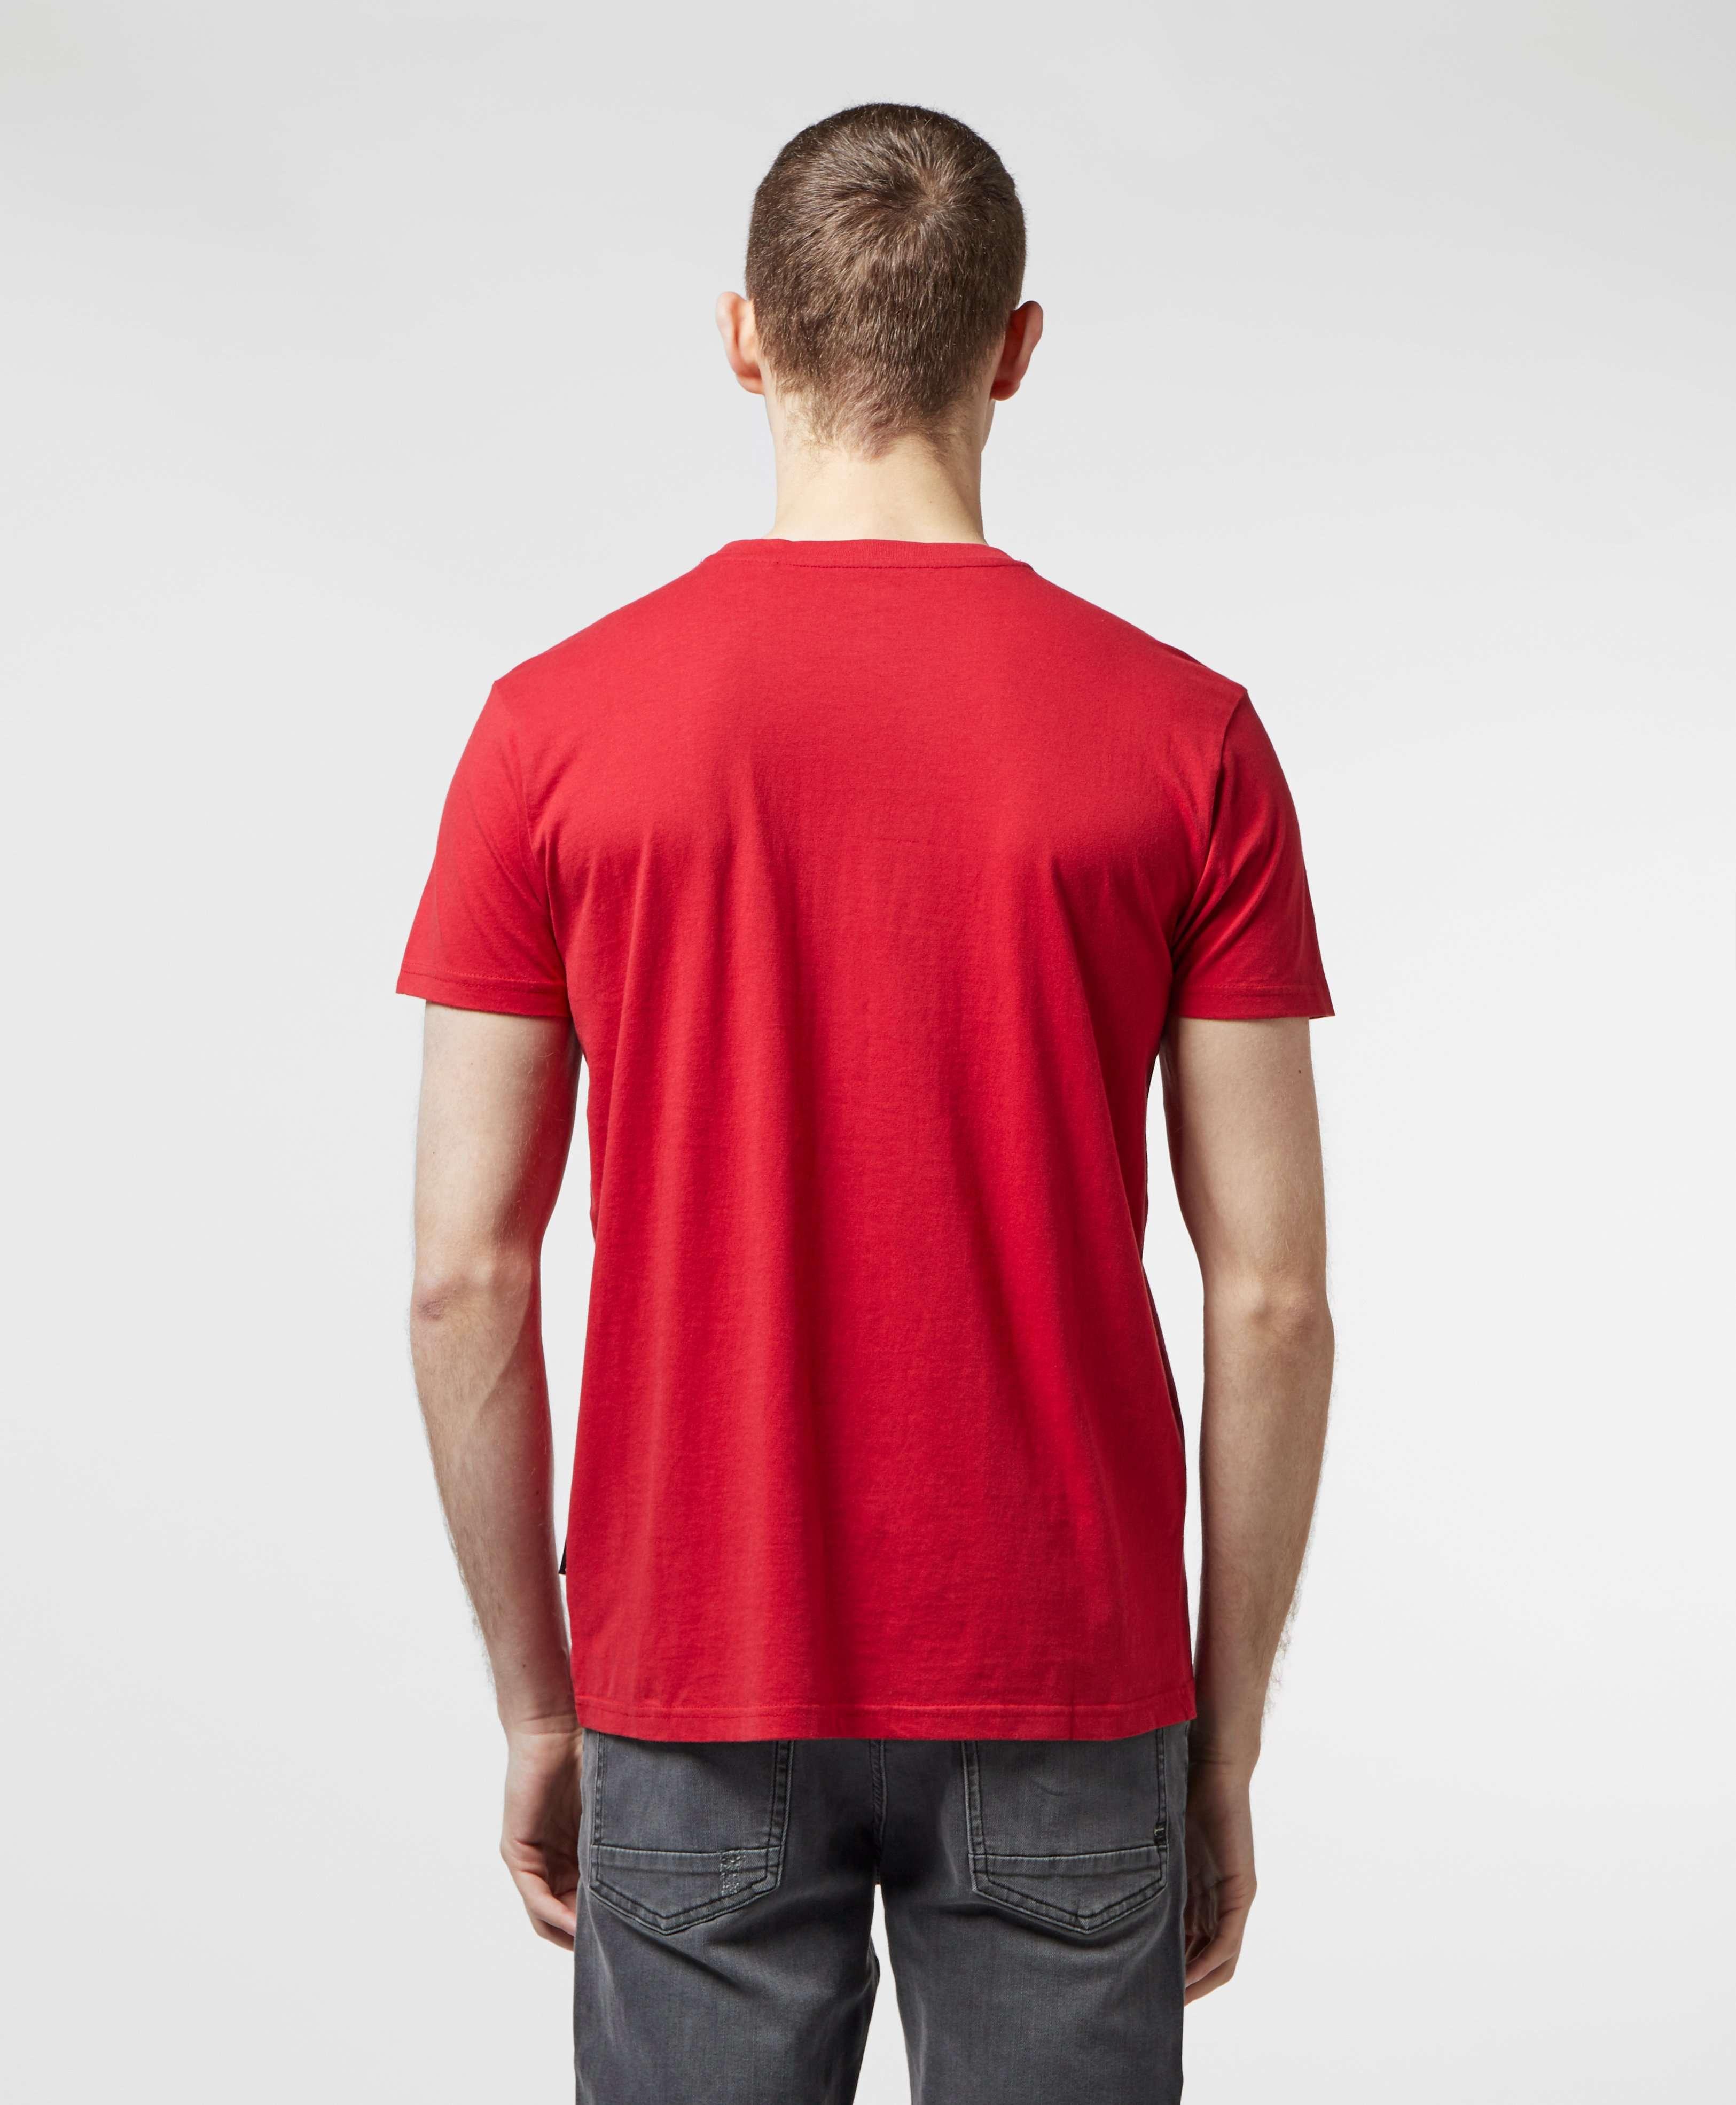 Schott Bros Short Sleeve T-Shirt - Online Exclusive